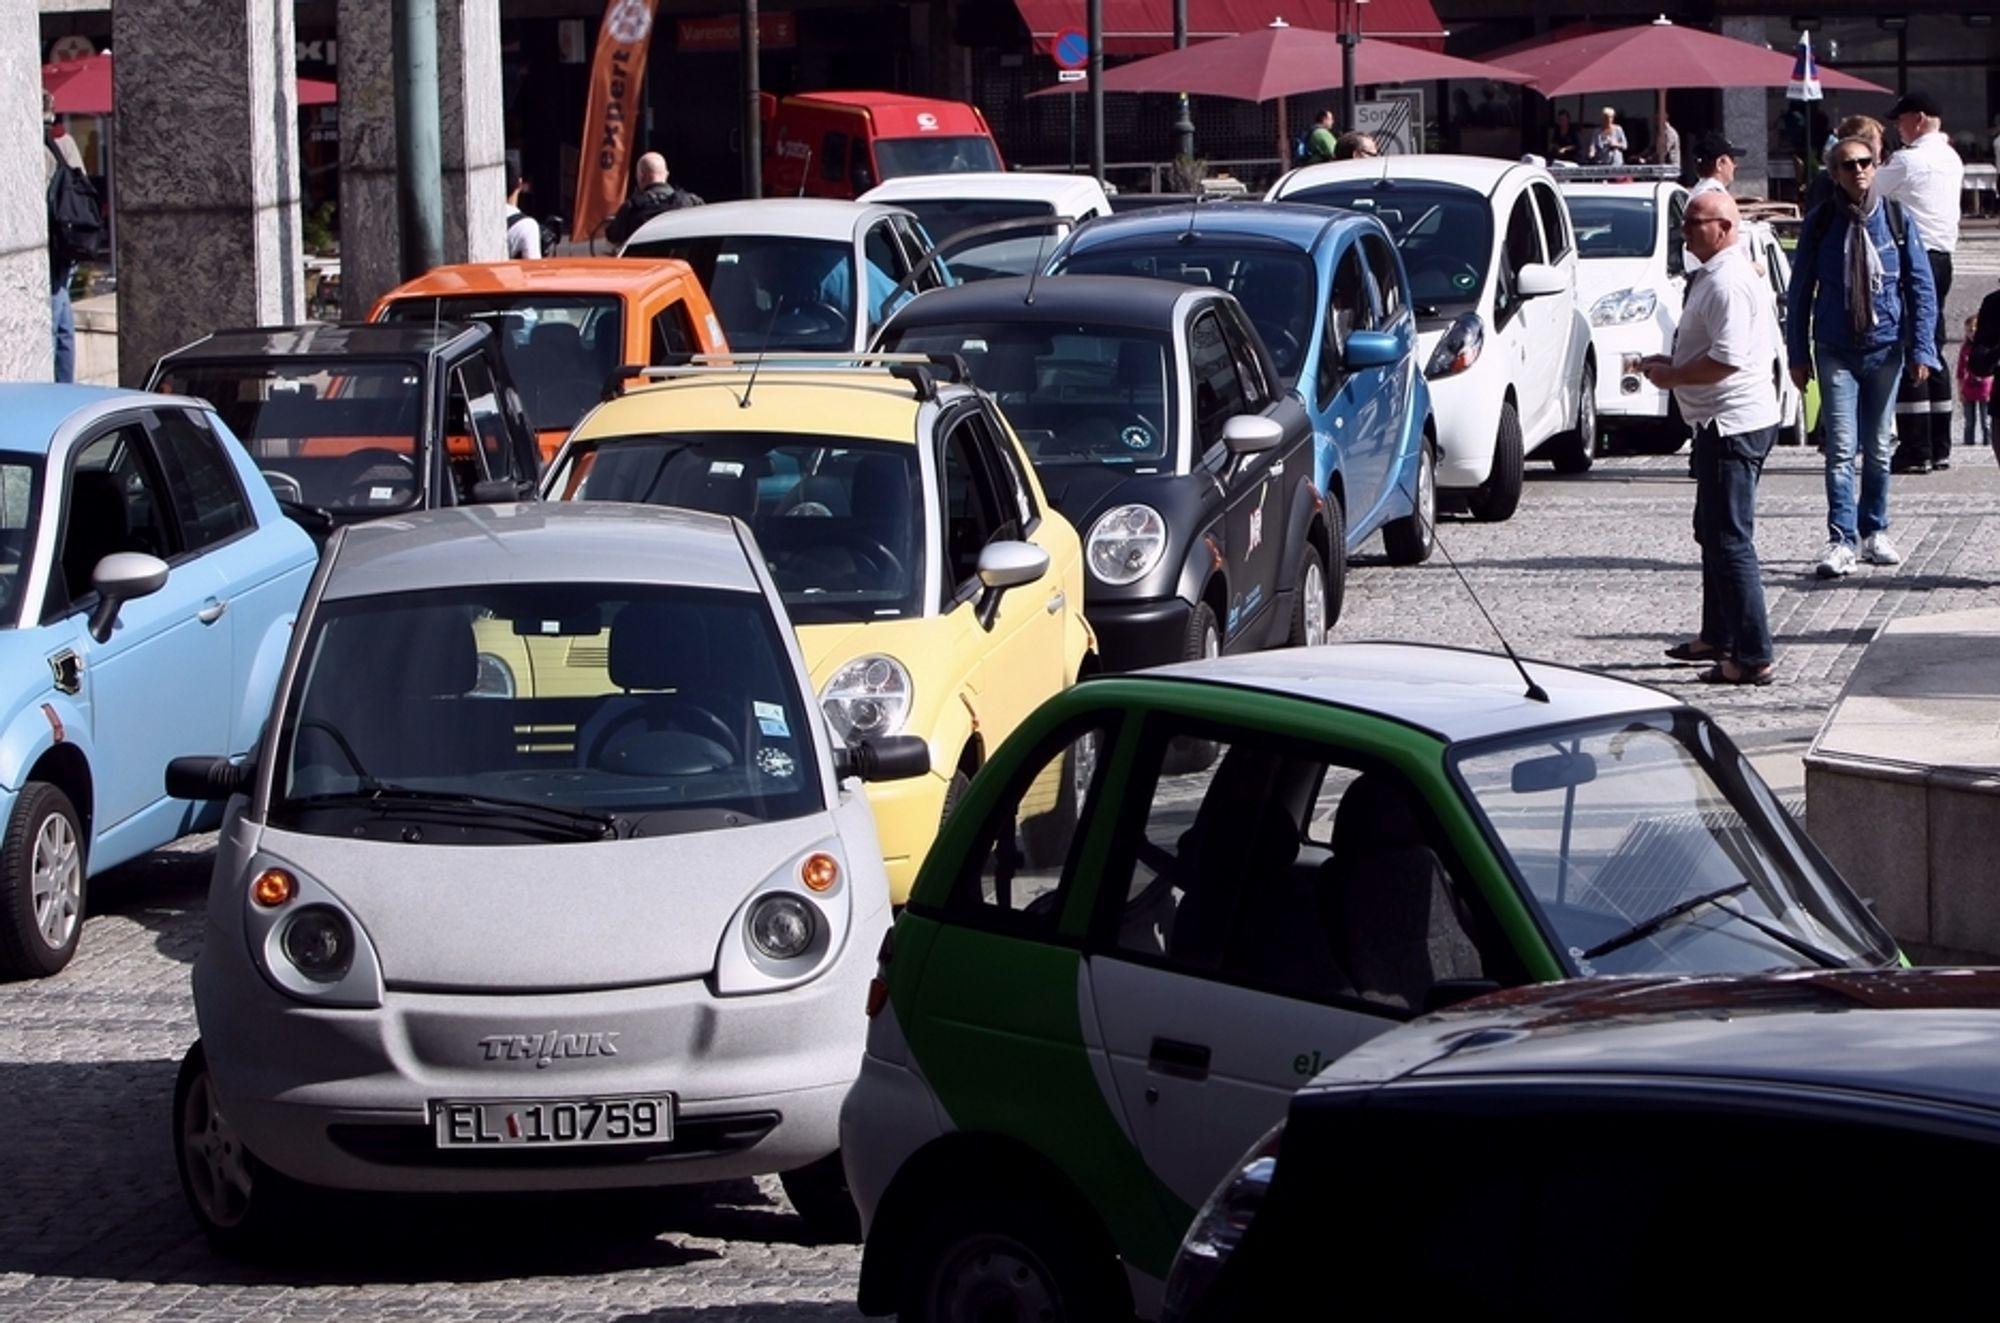 ELEKTRISK OPPMØTE: Elbiler, som disse Think-bilene, er ikke fredet til 2015. Men endringer i rammebetingelsene vil være avhengig av utbredelsen på norske veier.